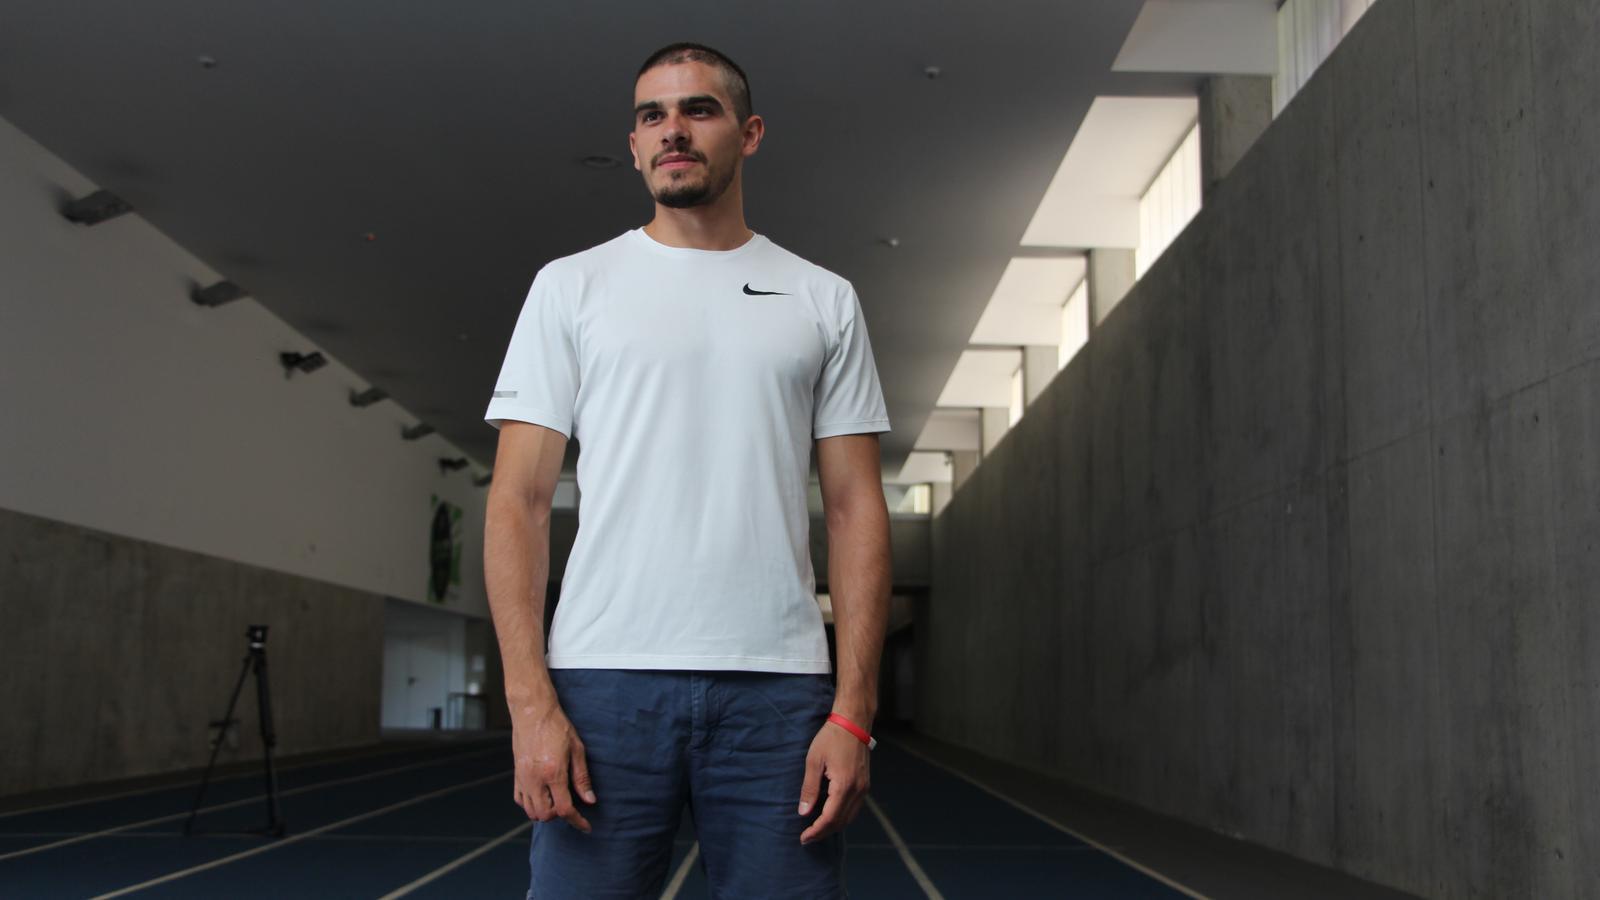 L'atleta espanyol Bruno Hortelano durant la seva visita al Centre de Tecnificació Esportiva d'Ordino. / ANA